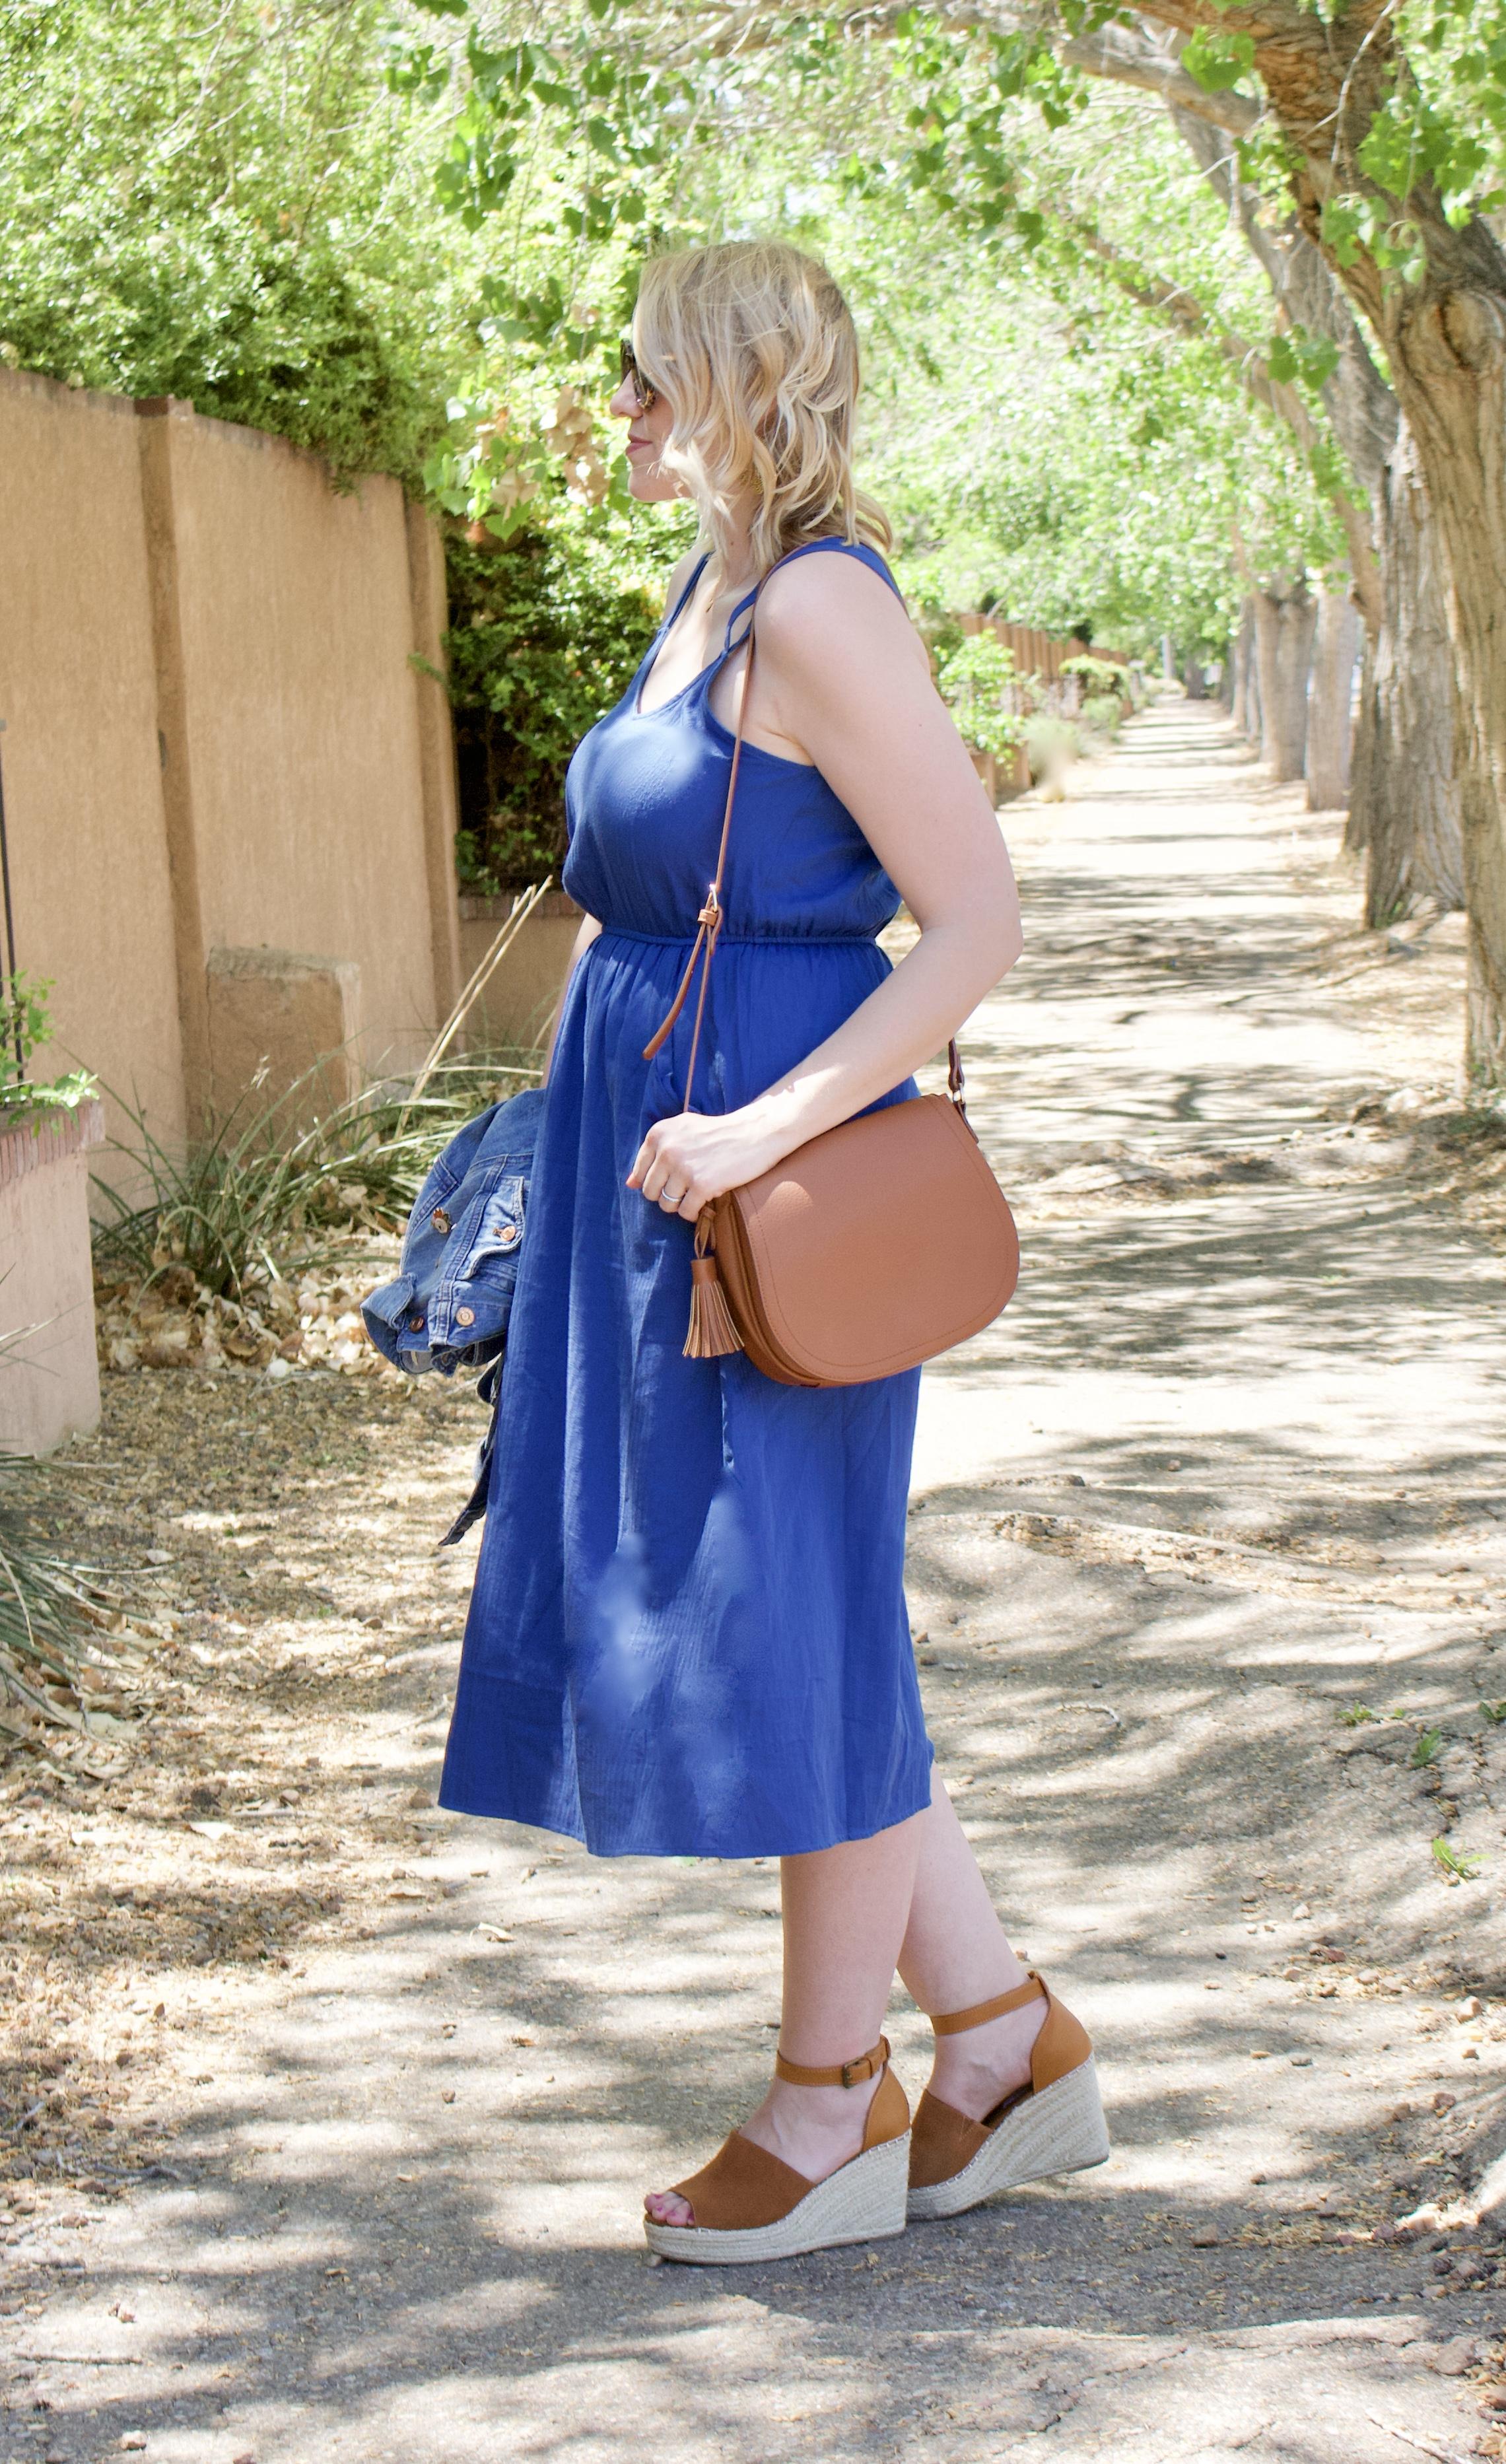 steve madden jaylen wedges for tall girls #tallfashion #wedges #springshoes #styleblogger